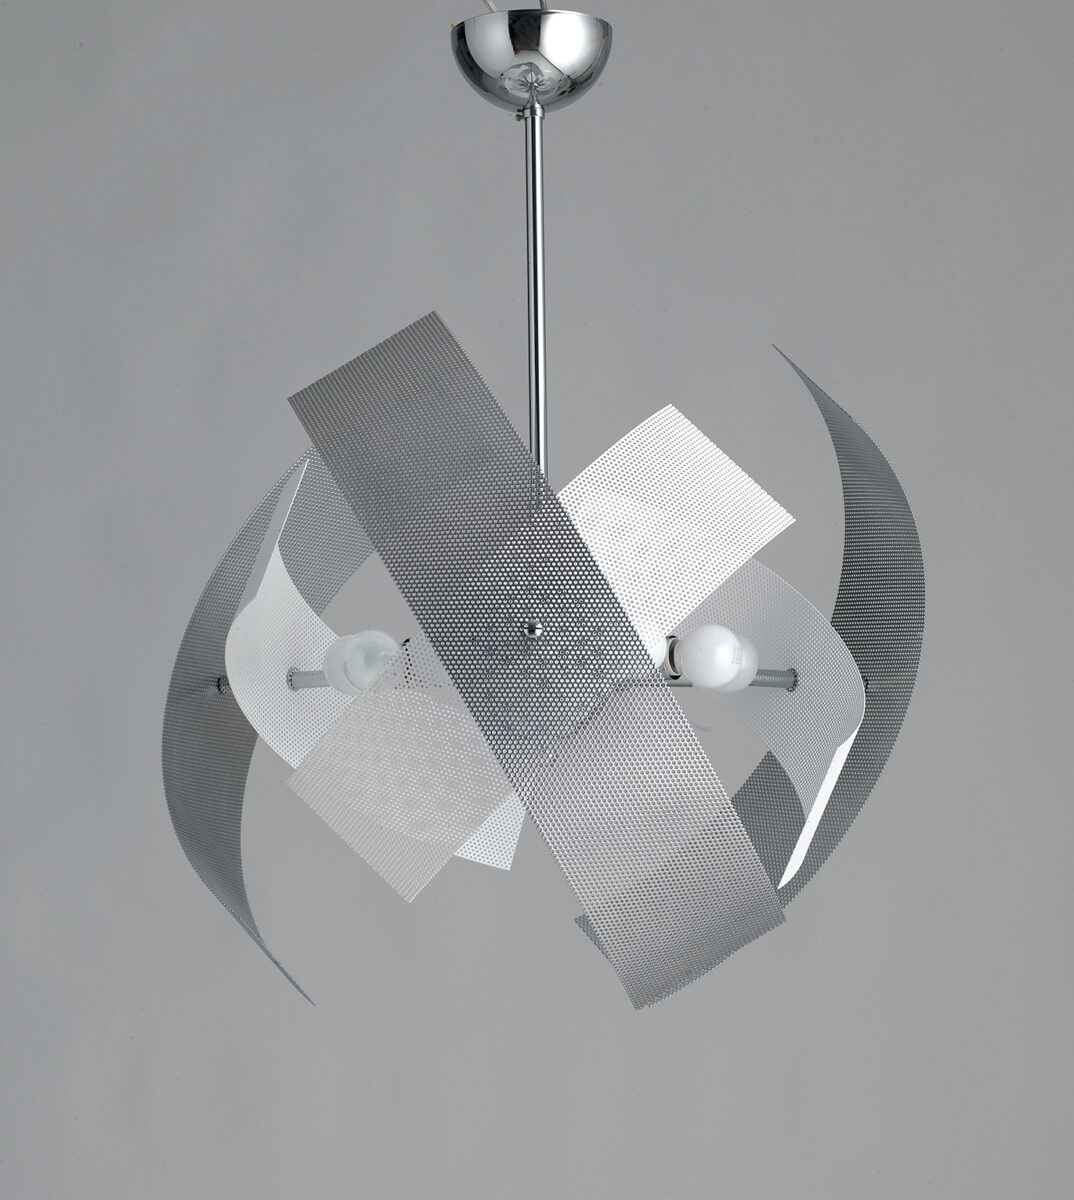 Lampadario moderno 9 luci bianco cromo la luce del futuro - Lumi camera da letto ...